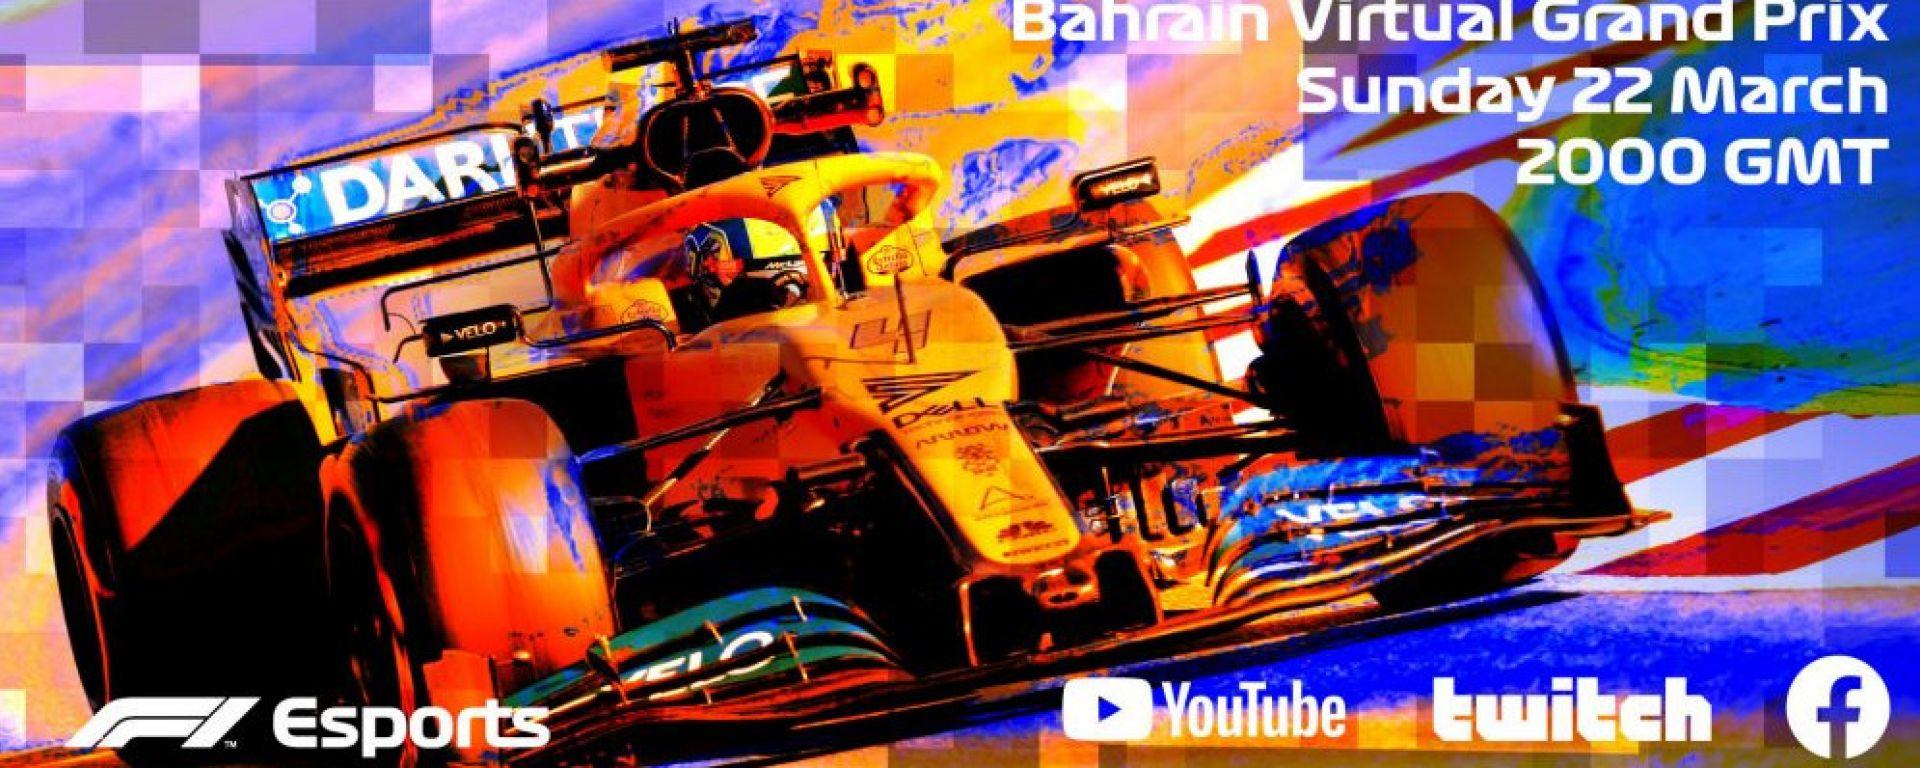 F1 Esports, la locandina dell'evento virtuale dedicato al Gp del Bahrain 2020